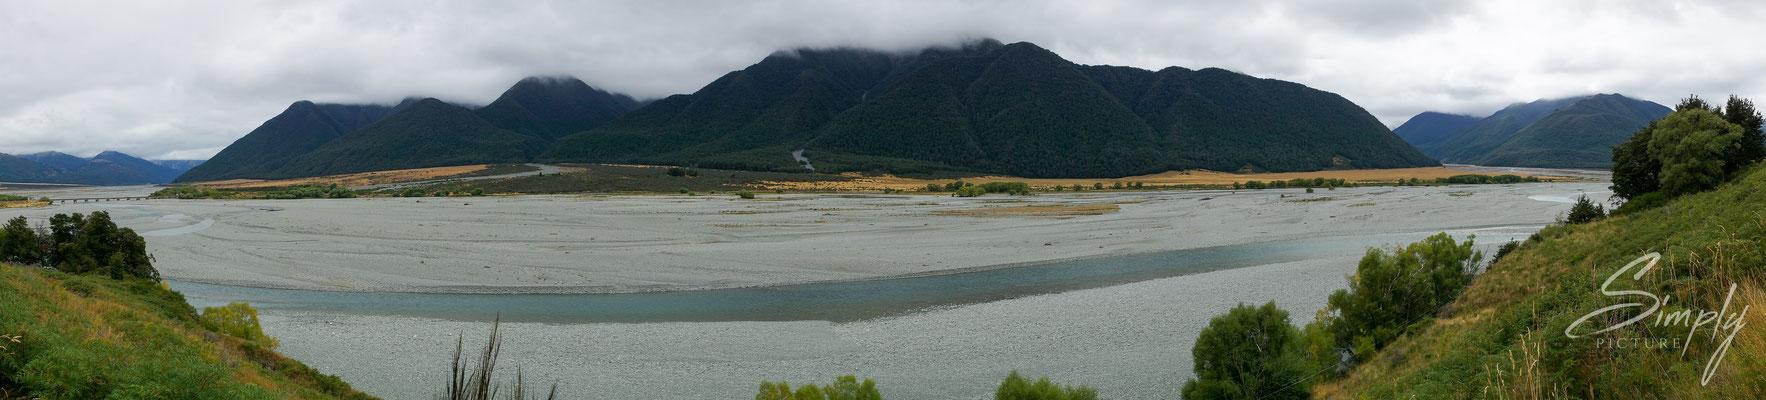 Canterbury, Flussbett mit viel Kies und intensiv, blauem Fluss in mitten der Berge und Wälder in den neuseeländischen Alpen